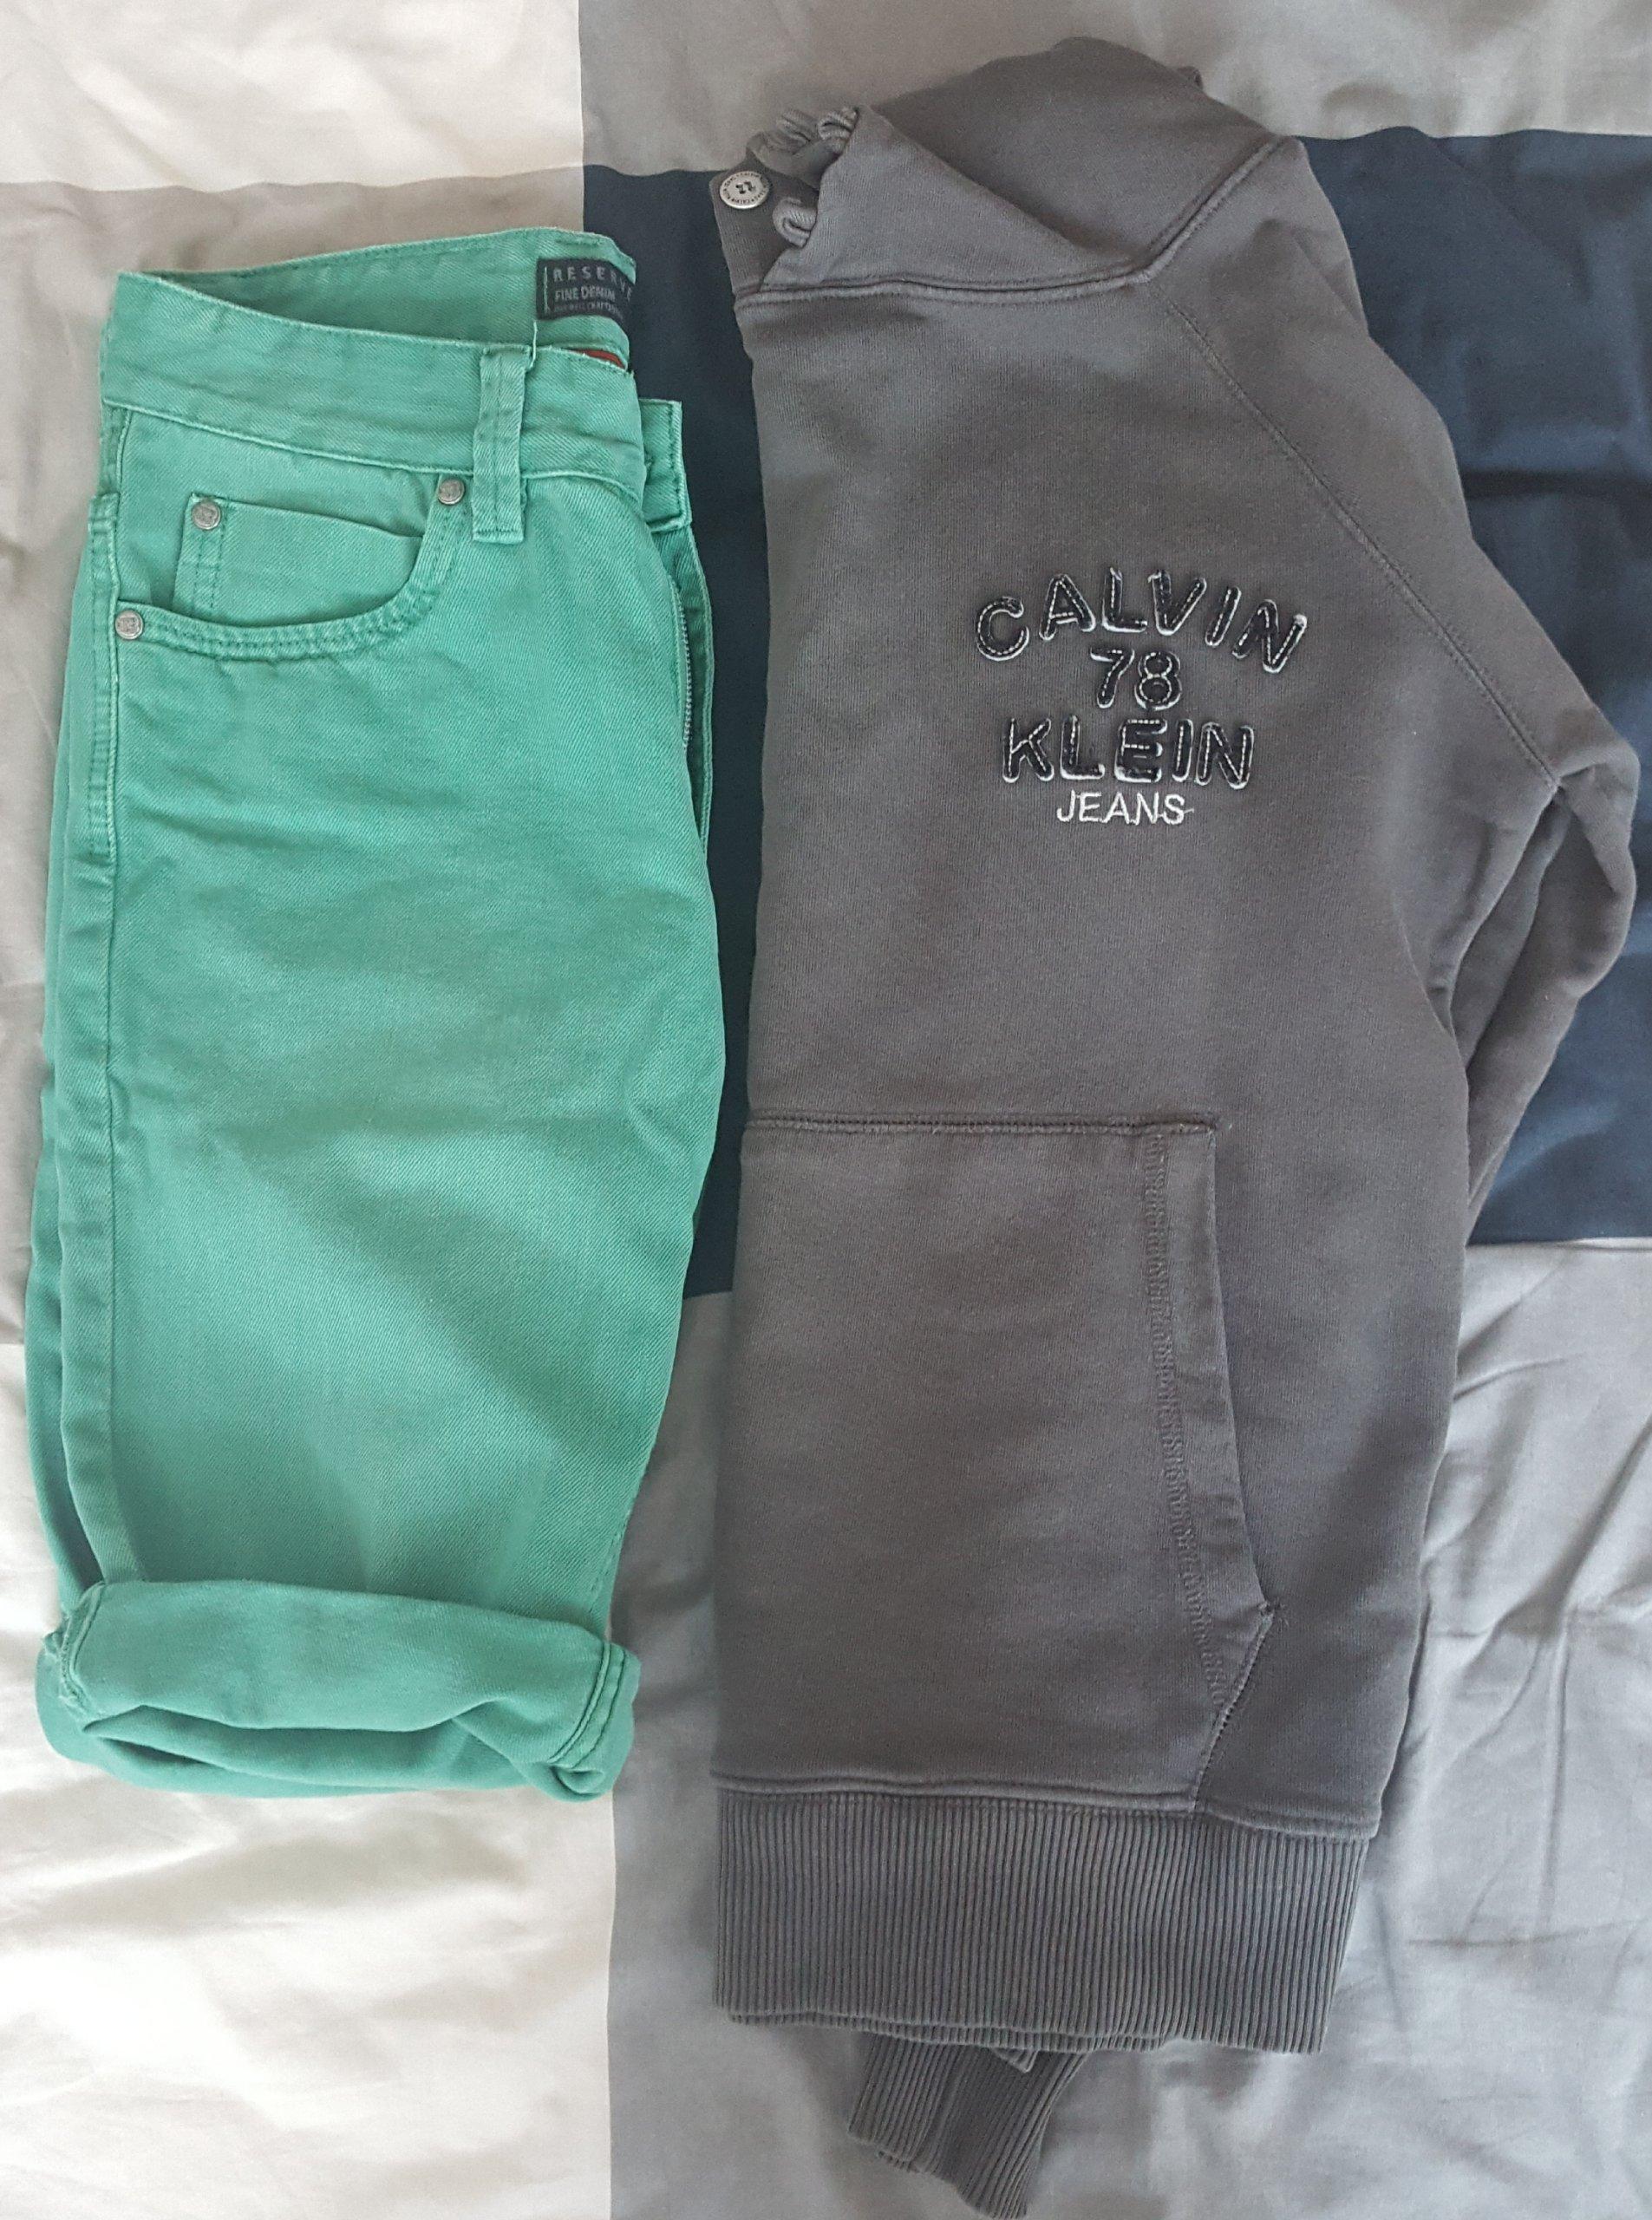 Paczka ubrań CK i inne, rozmiar S BCM